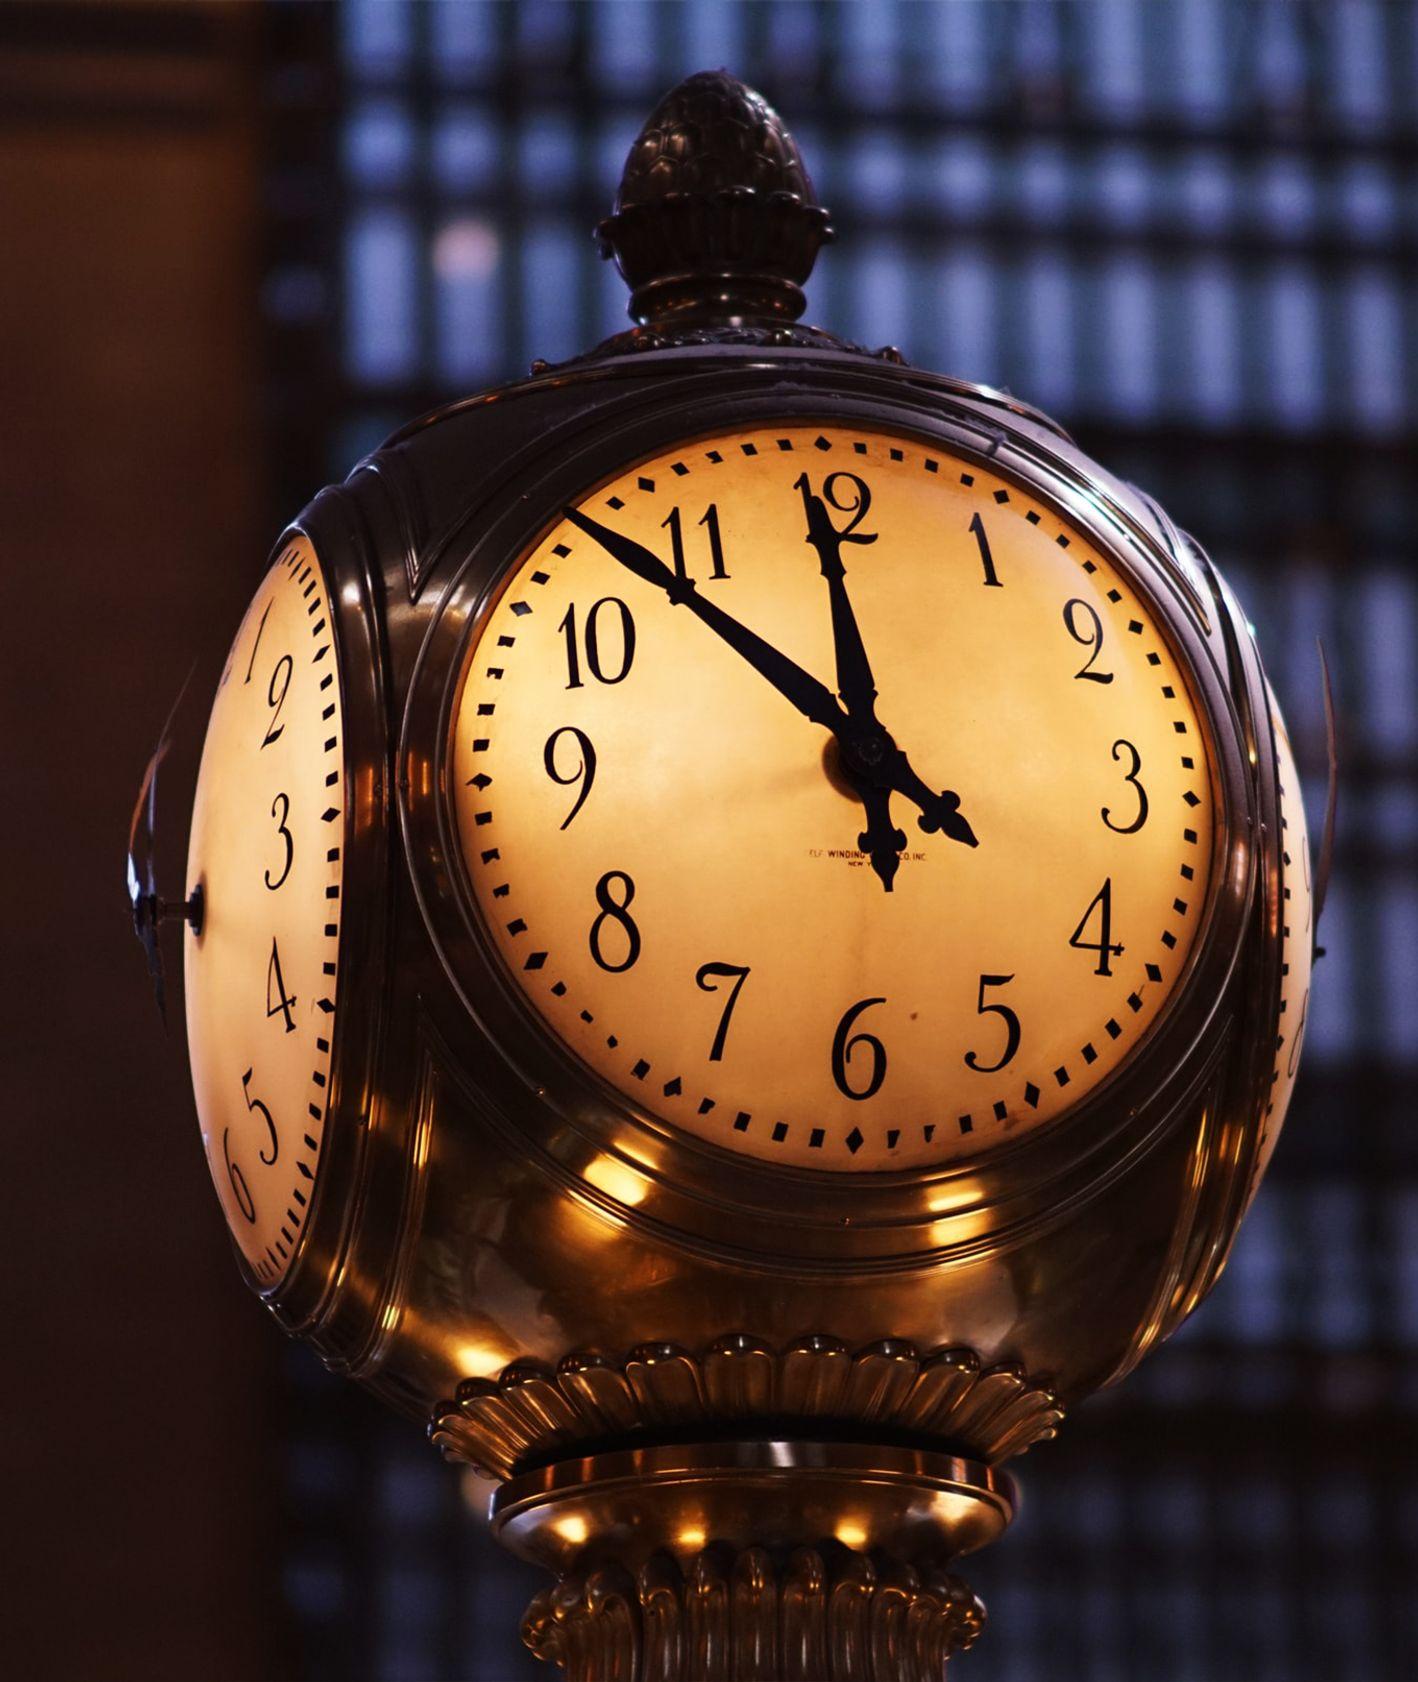 Stary zegar na stacji kolejowej (fot. Bryce Baker / unsplash.com)